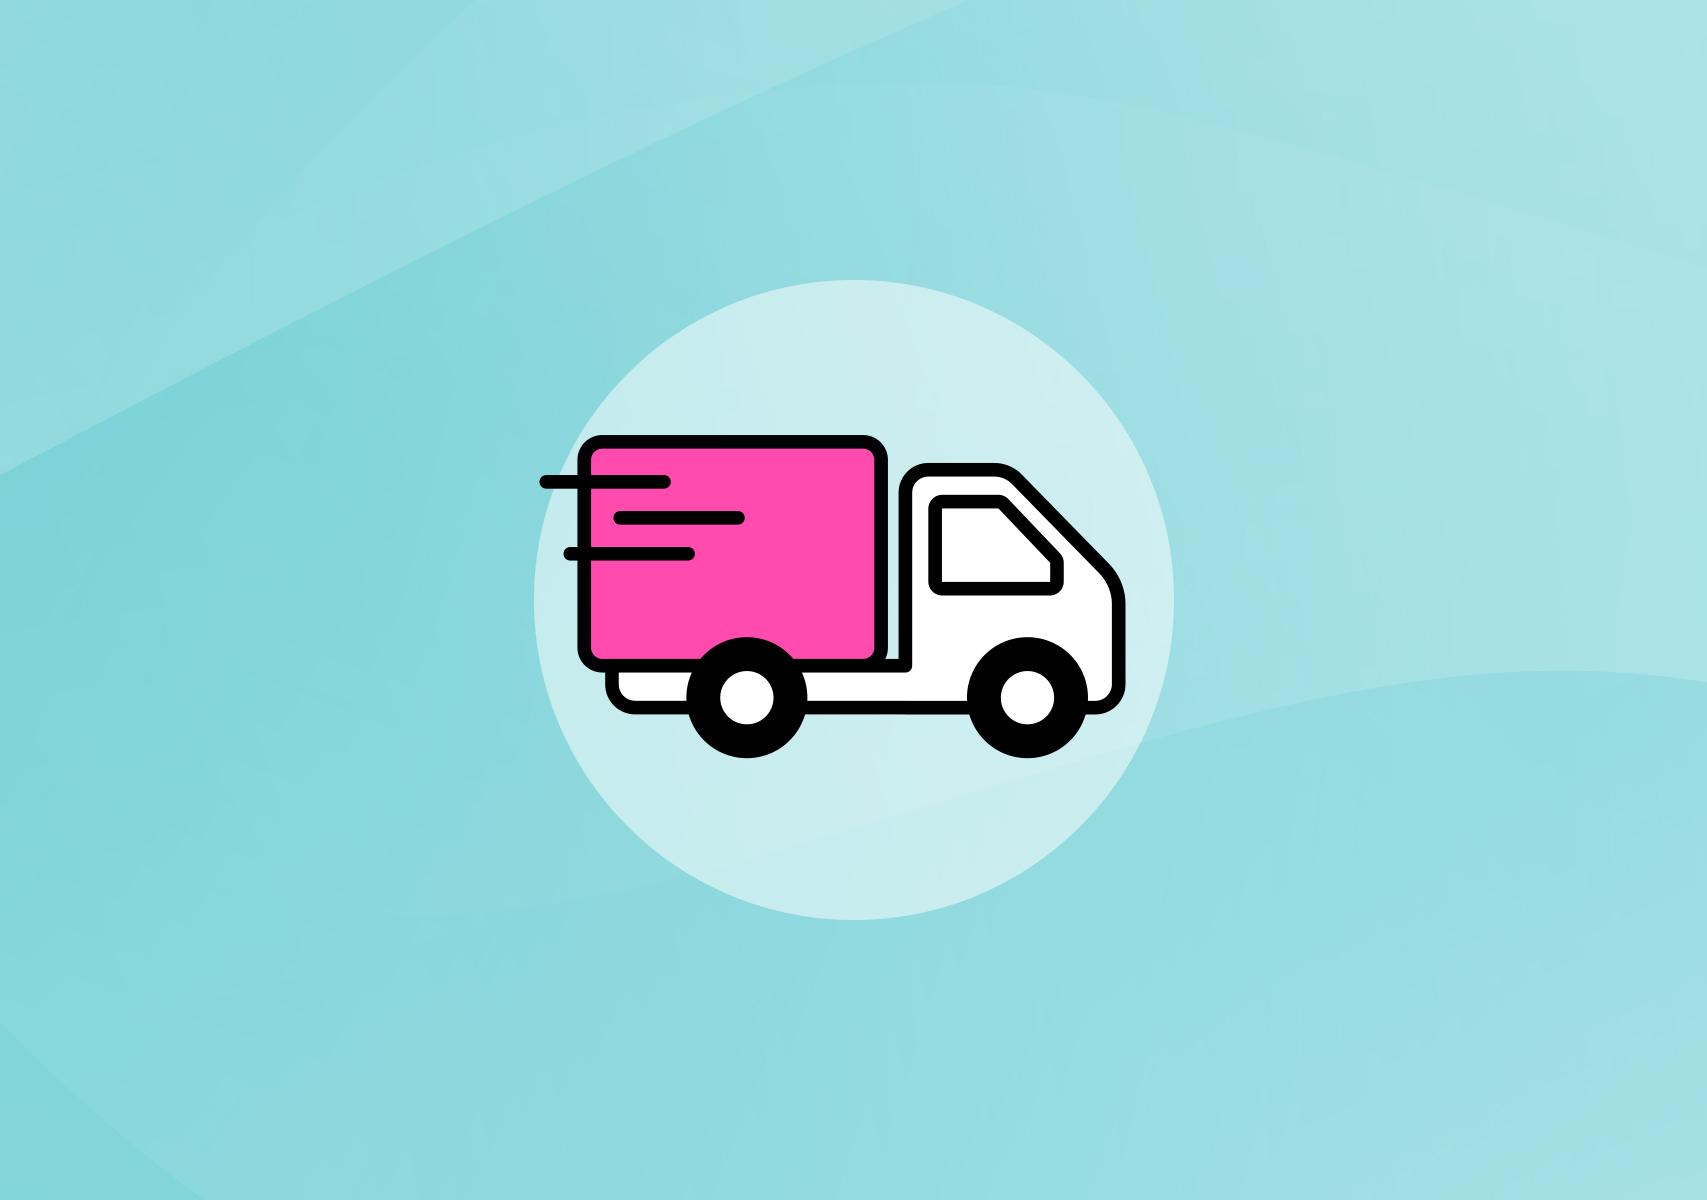 Alle Infos Zu Unseren Services Im Dm Onlineshop